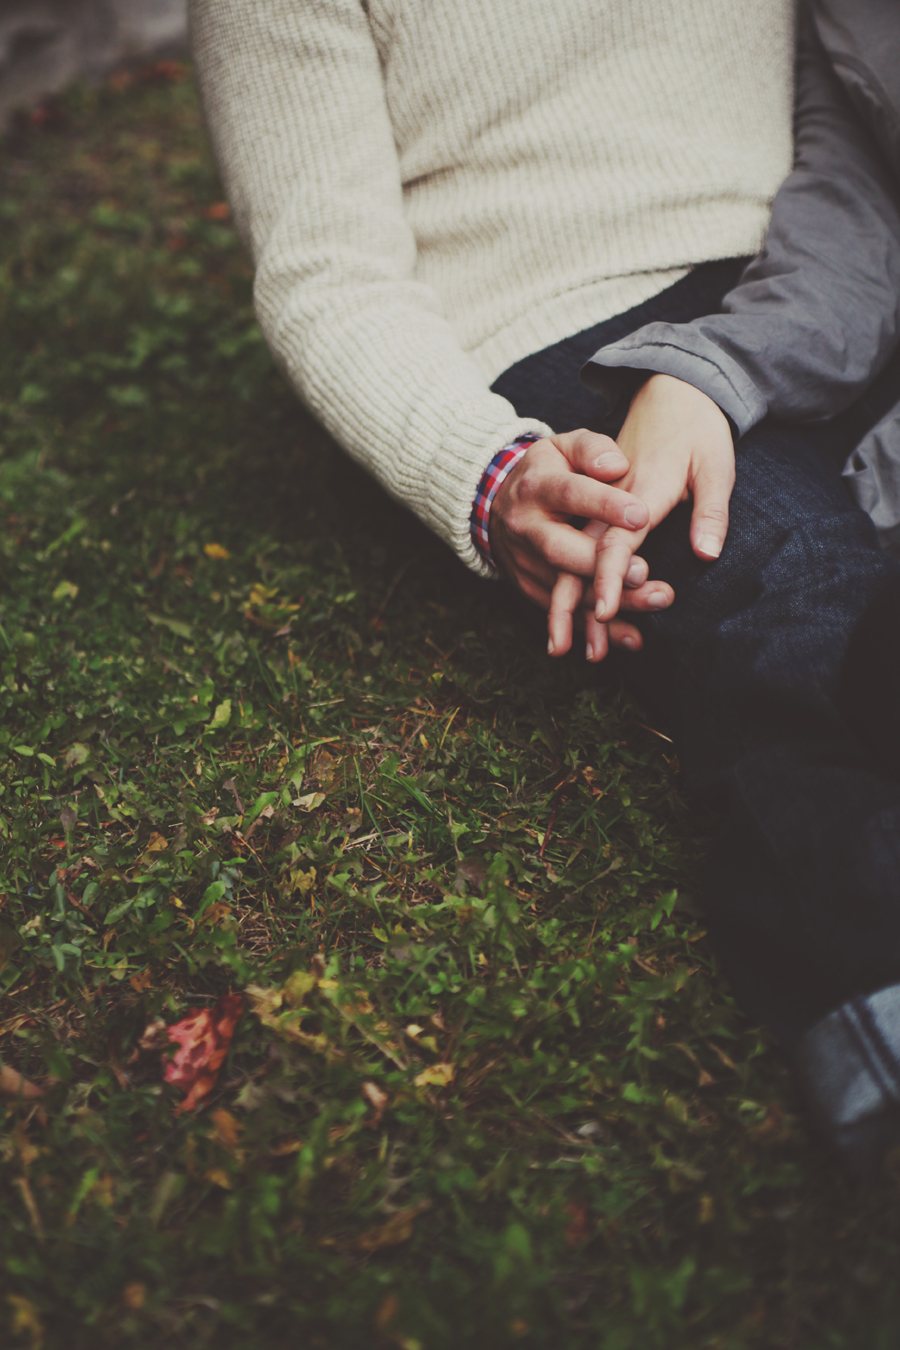 Візьми мою руку, стисни і тримай...